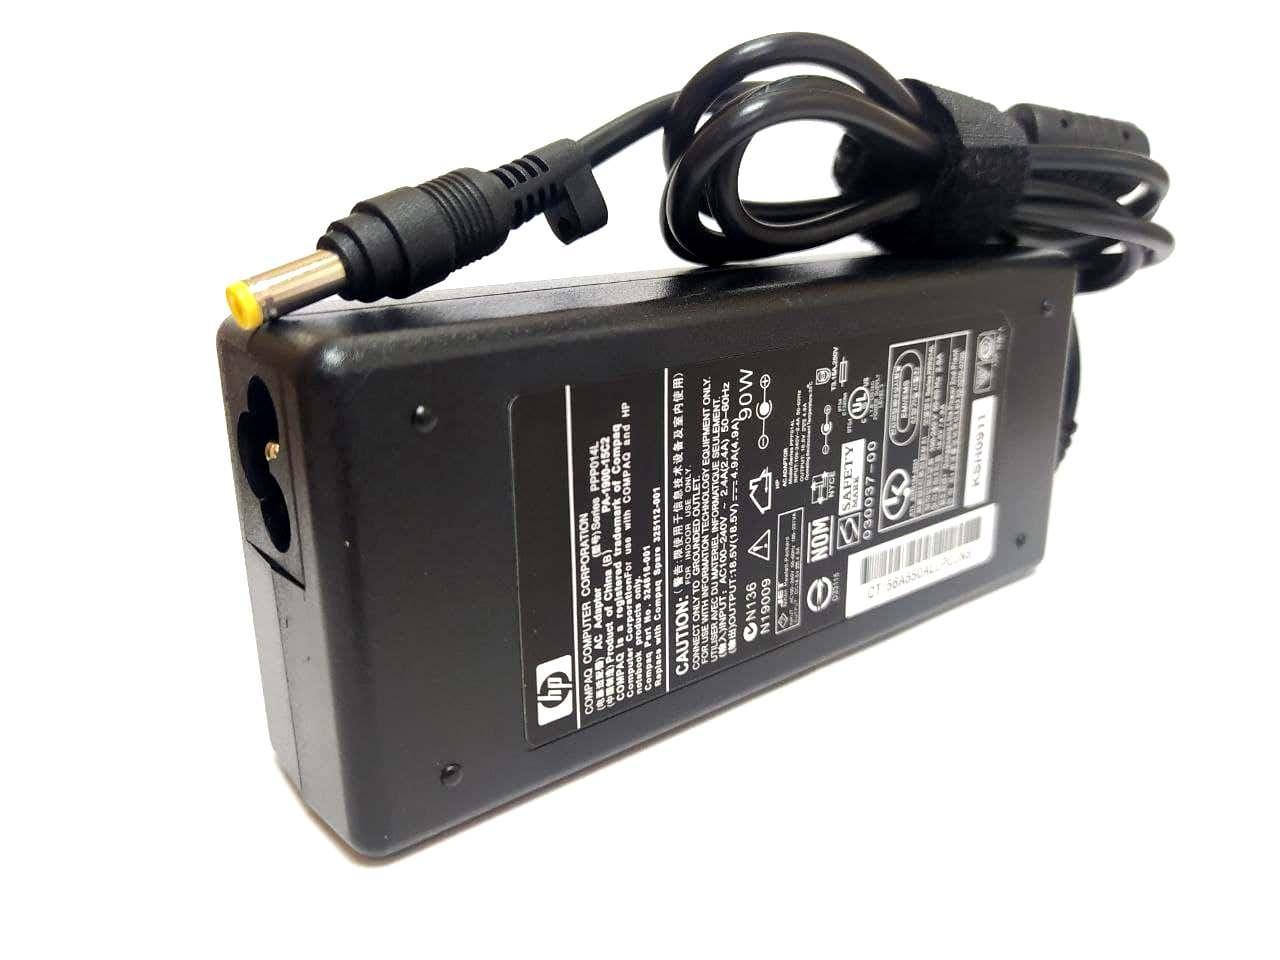 Блок питания для ноутбука HP Pavilion nx7200 18.5V 4.9A 4.8*1.7mm 90W